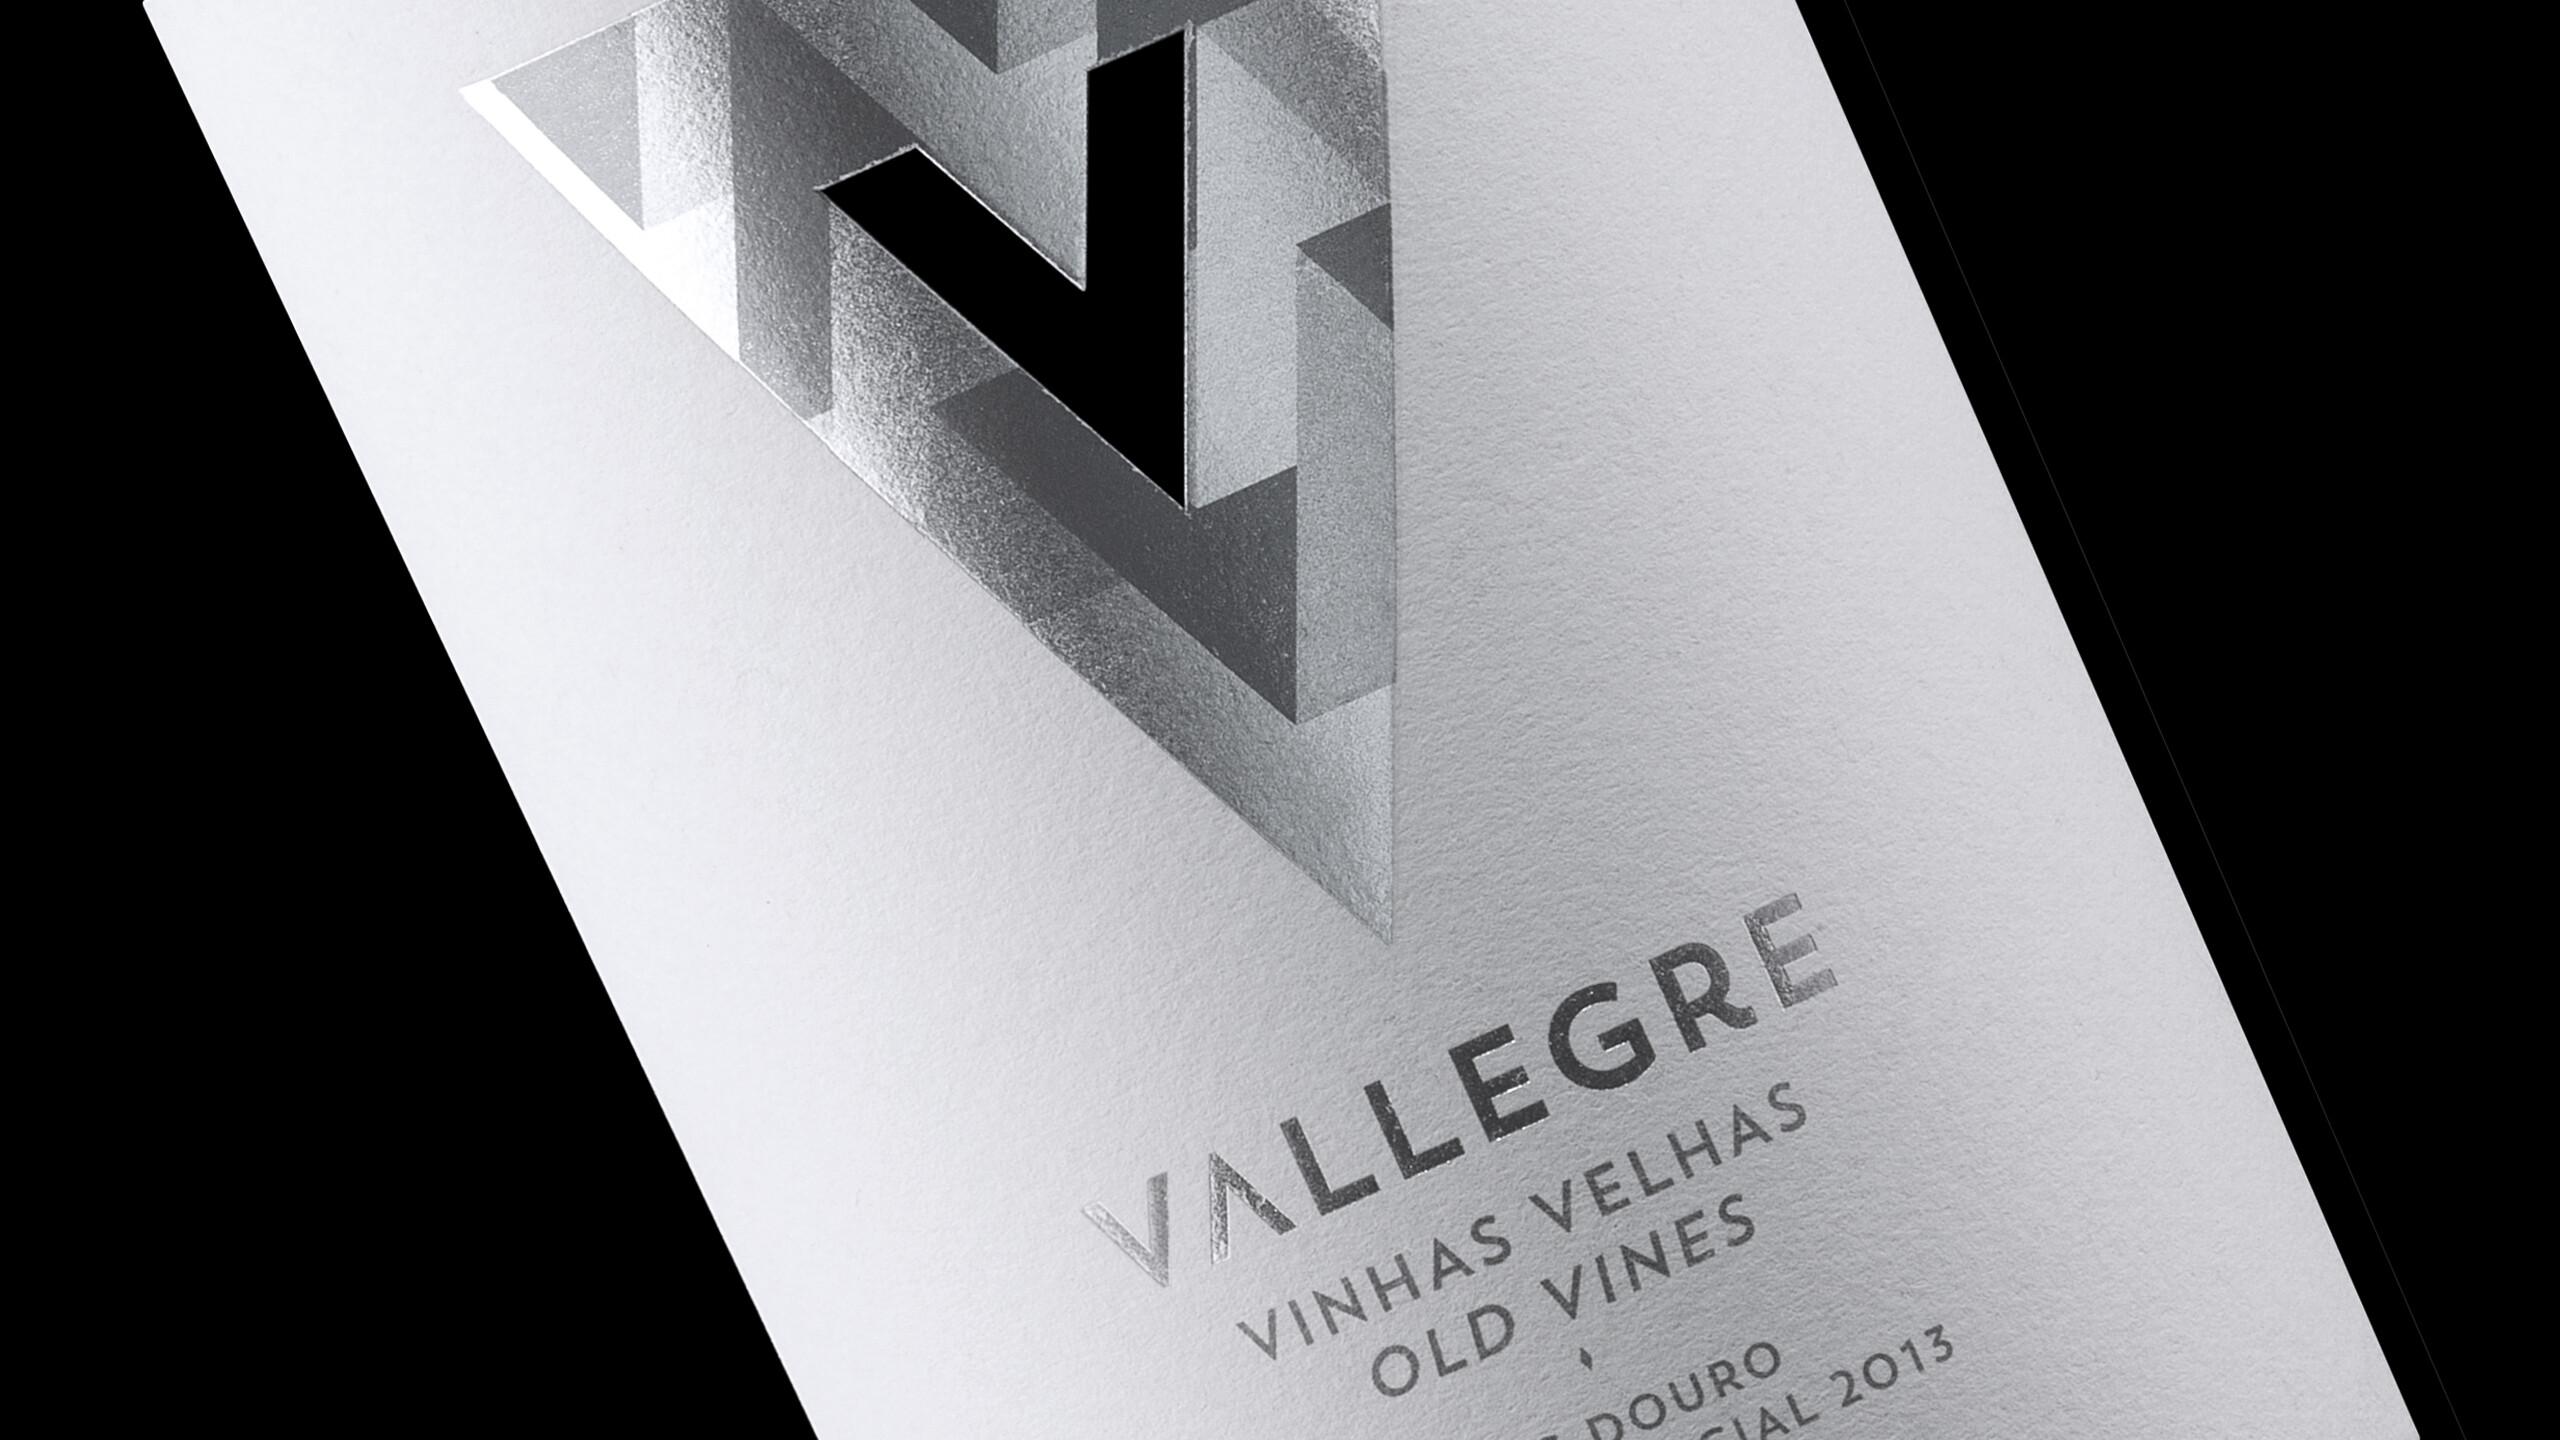 VALLEGRE - Case03